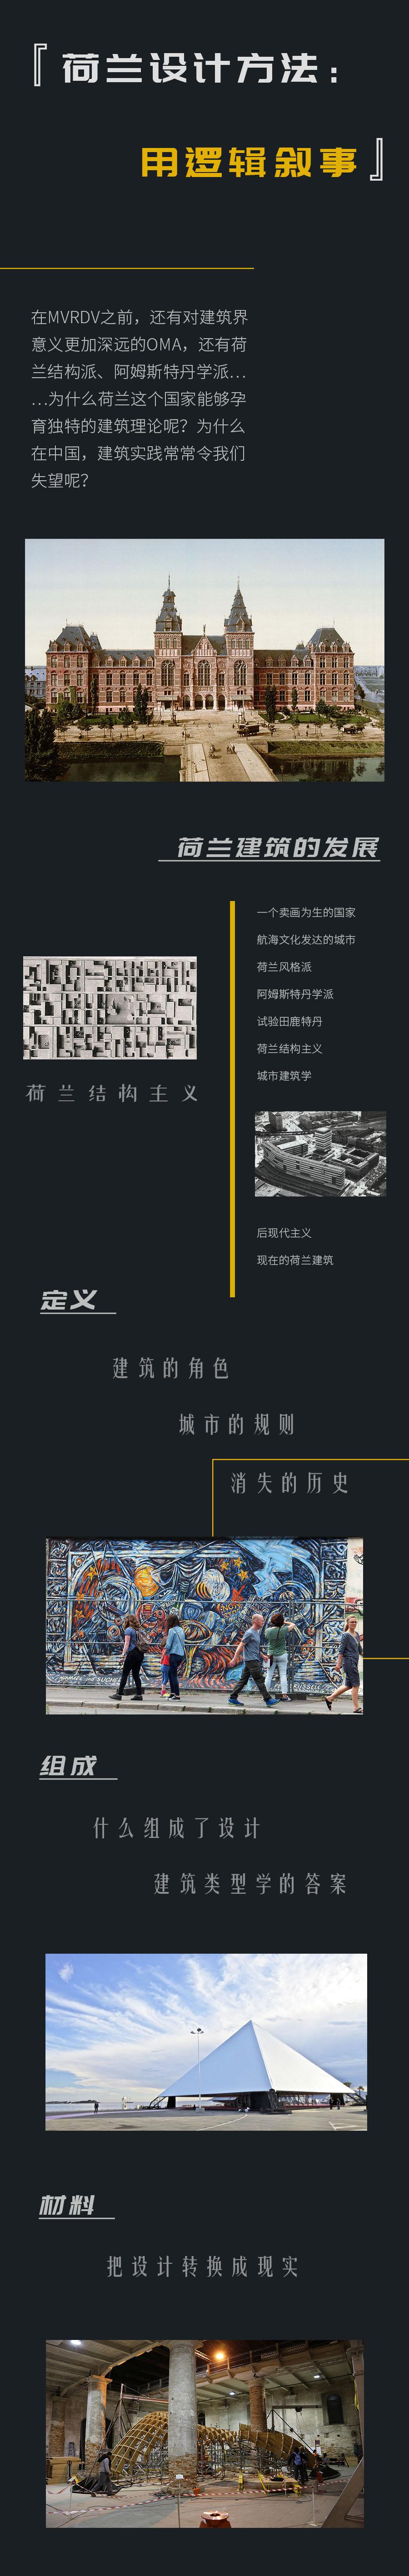 王开大咖课22-荷兰设计方法.jpg